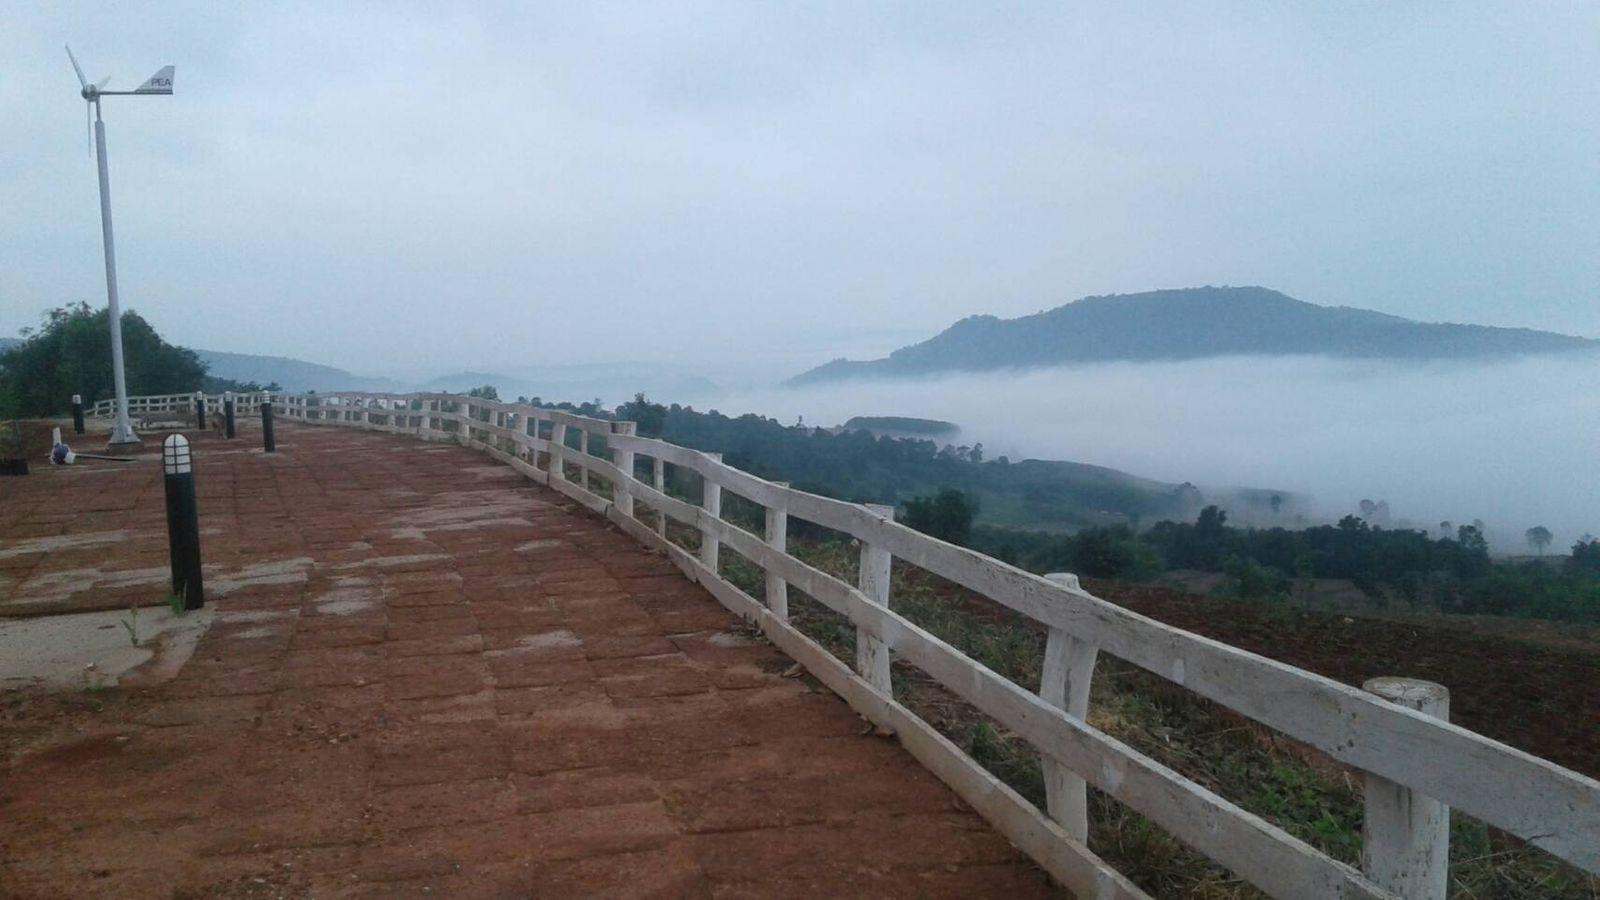 พาเที่ยวบ้านไฮตาก หมู่บ้านท่องเที่ยวน้องใหม่ ที่จะทำให้คุณรักหน้าฝน